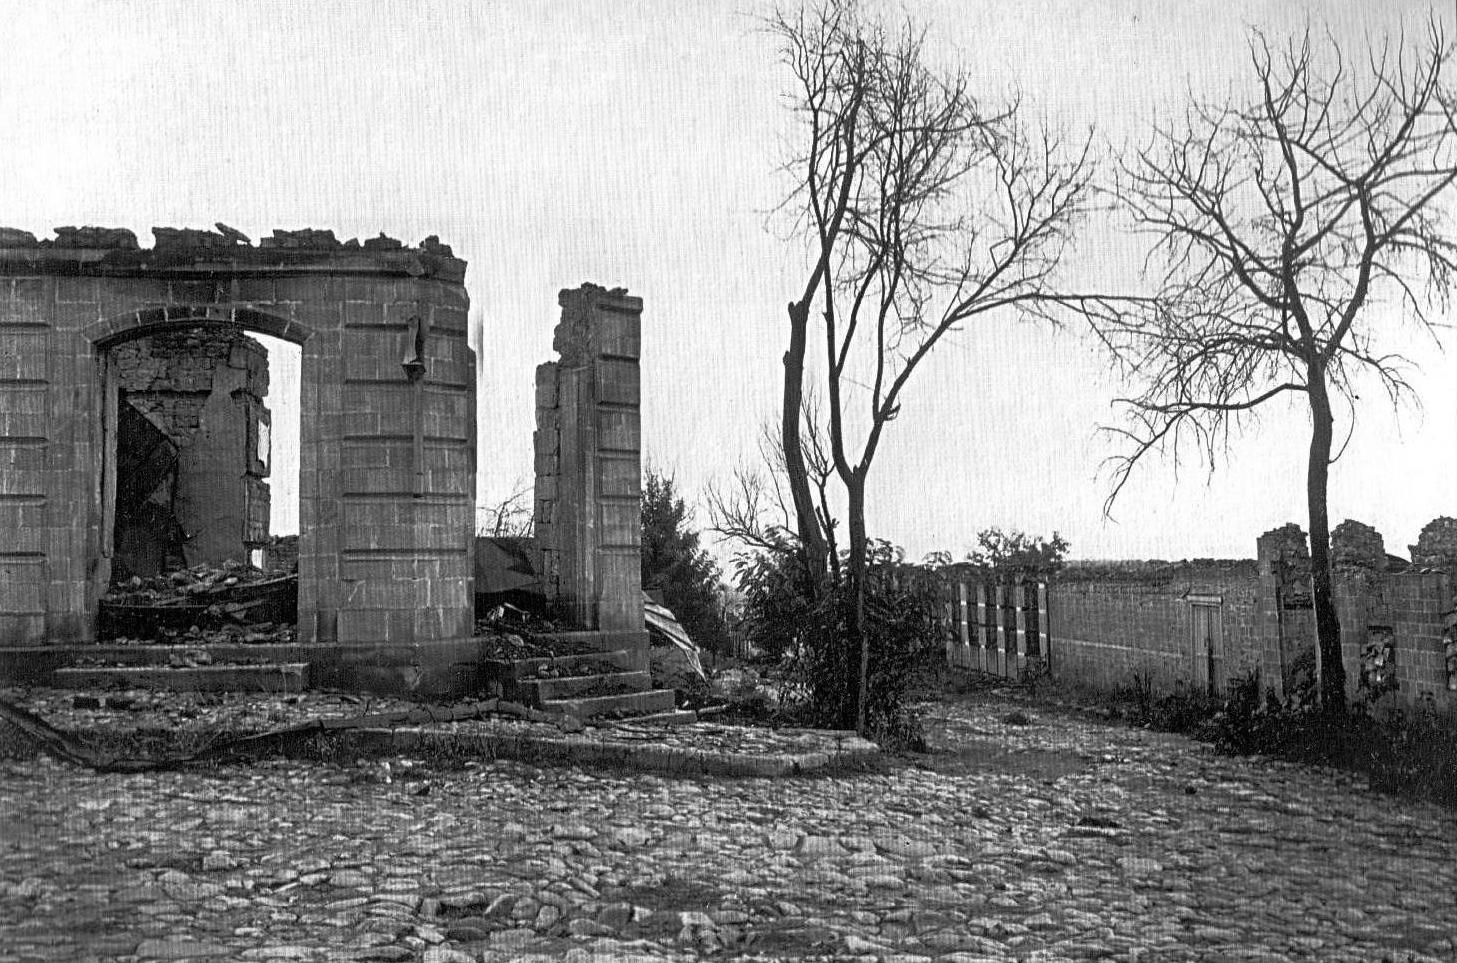 27.İmamlı küçəsində Camo bəyin evinin dağıntıları